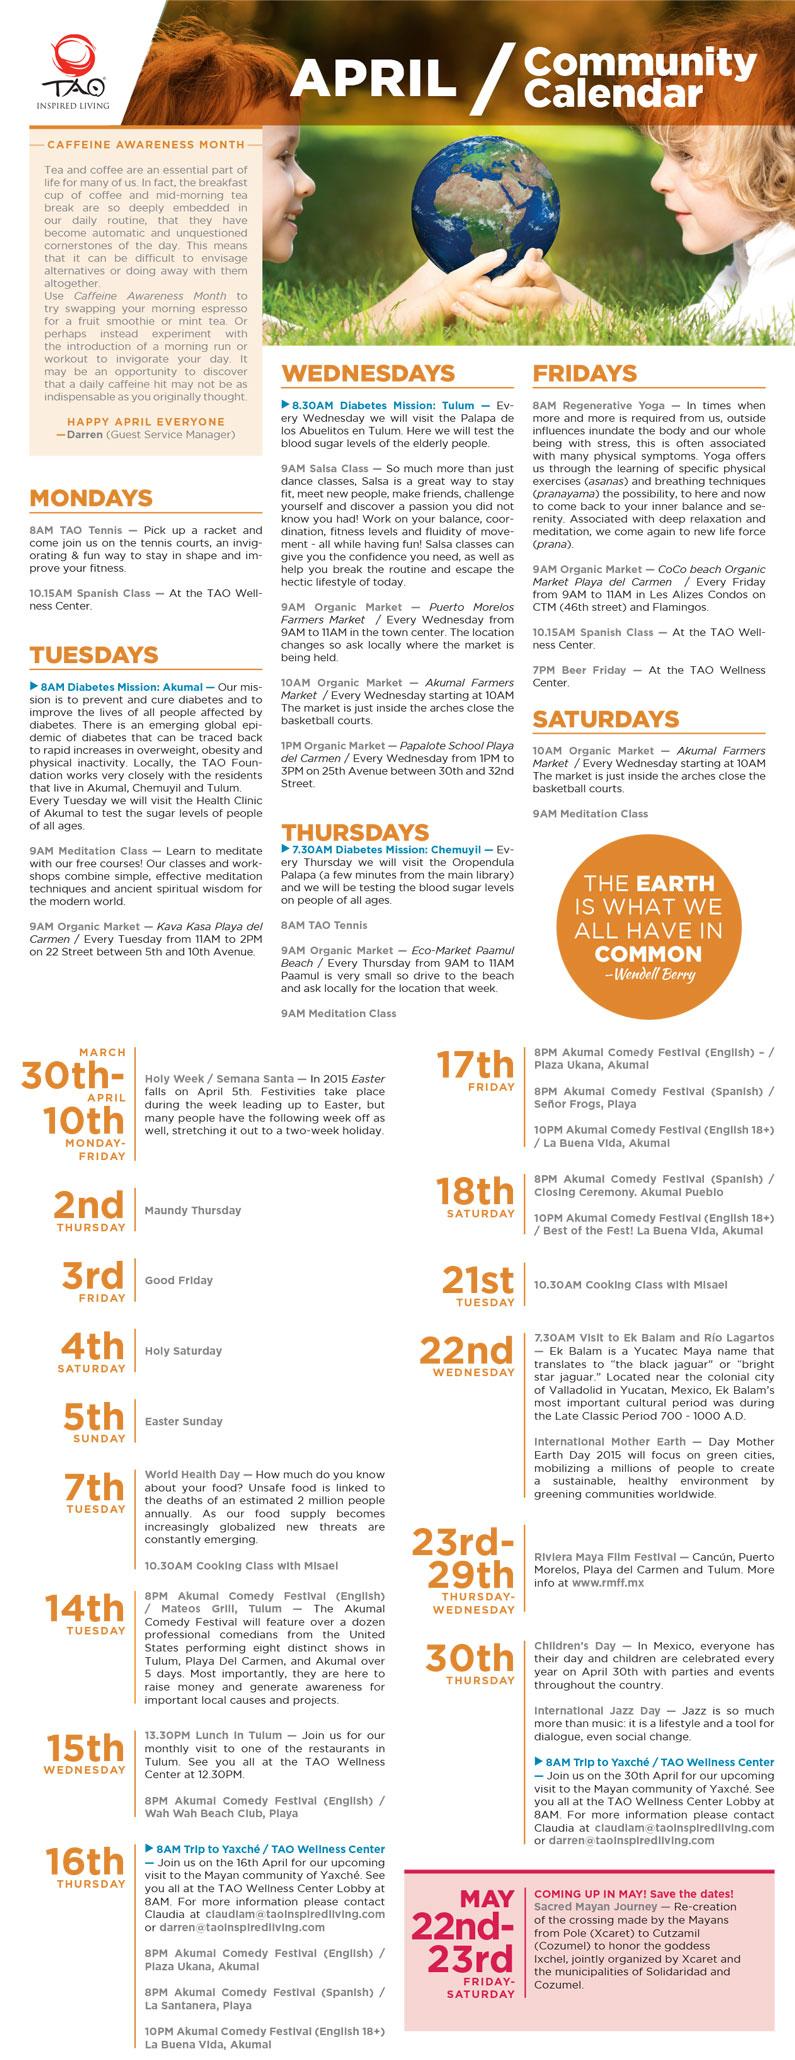 TAO Community Calendar / April 2015